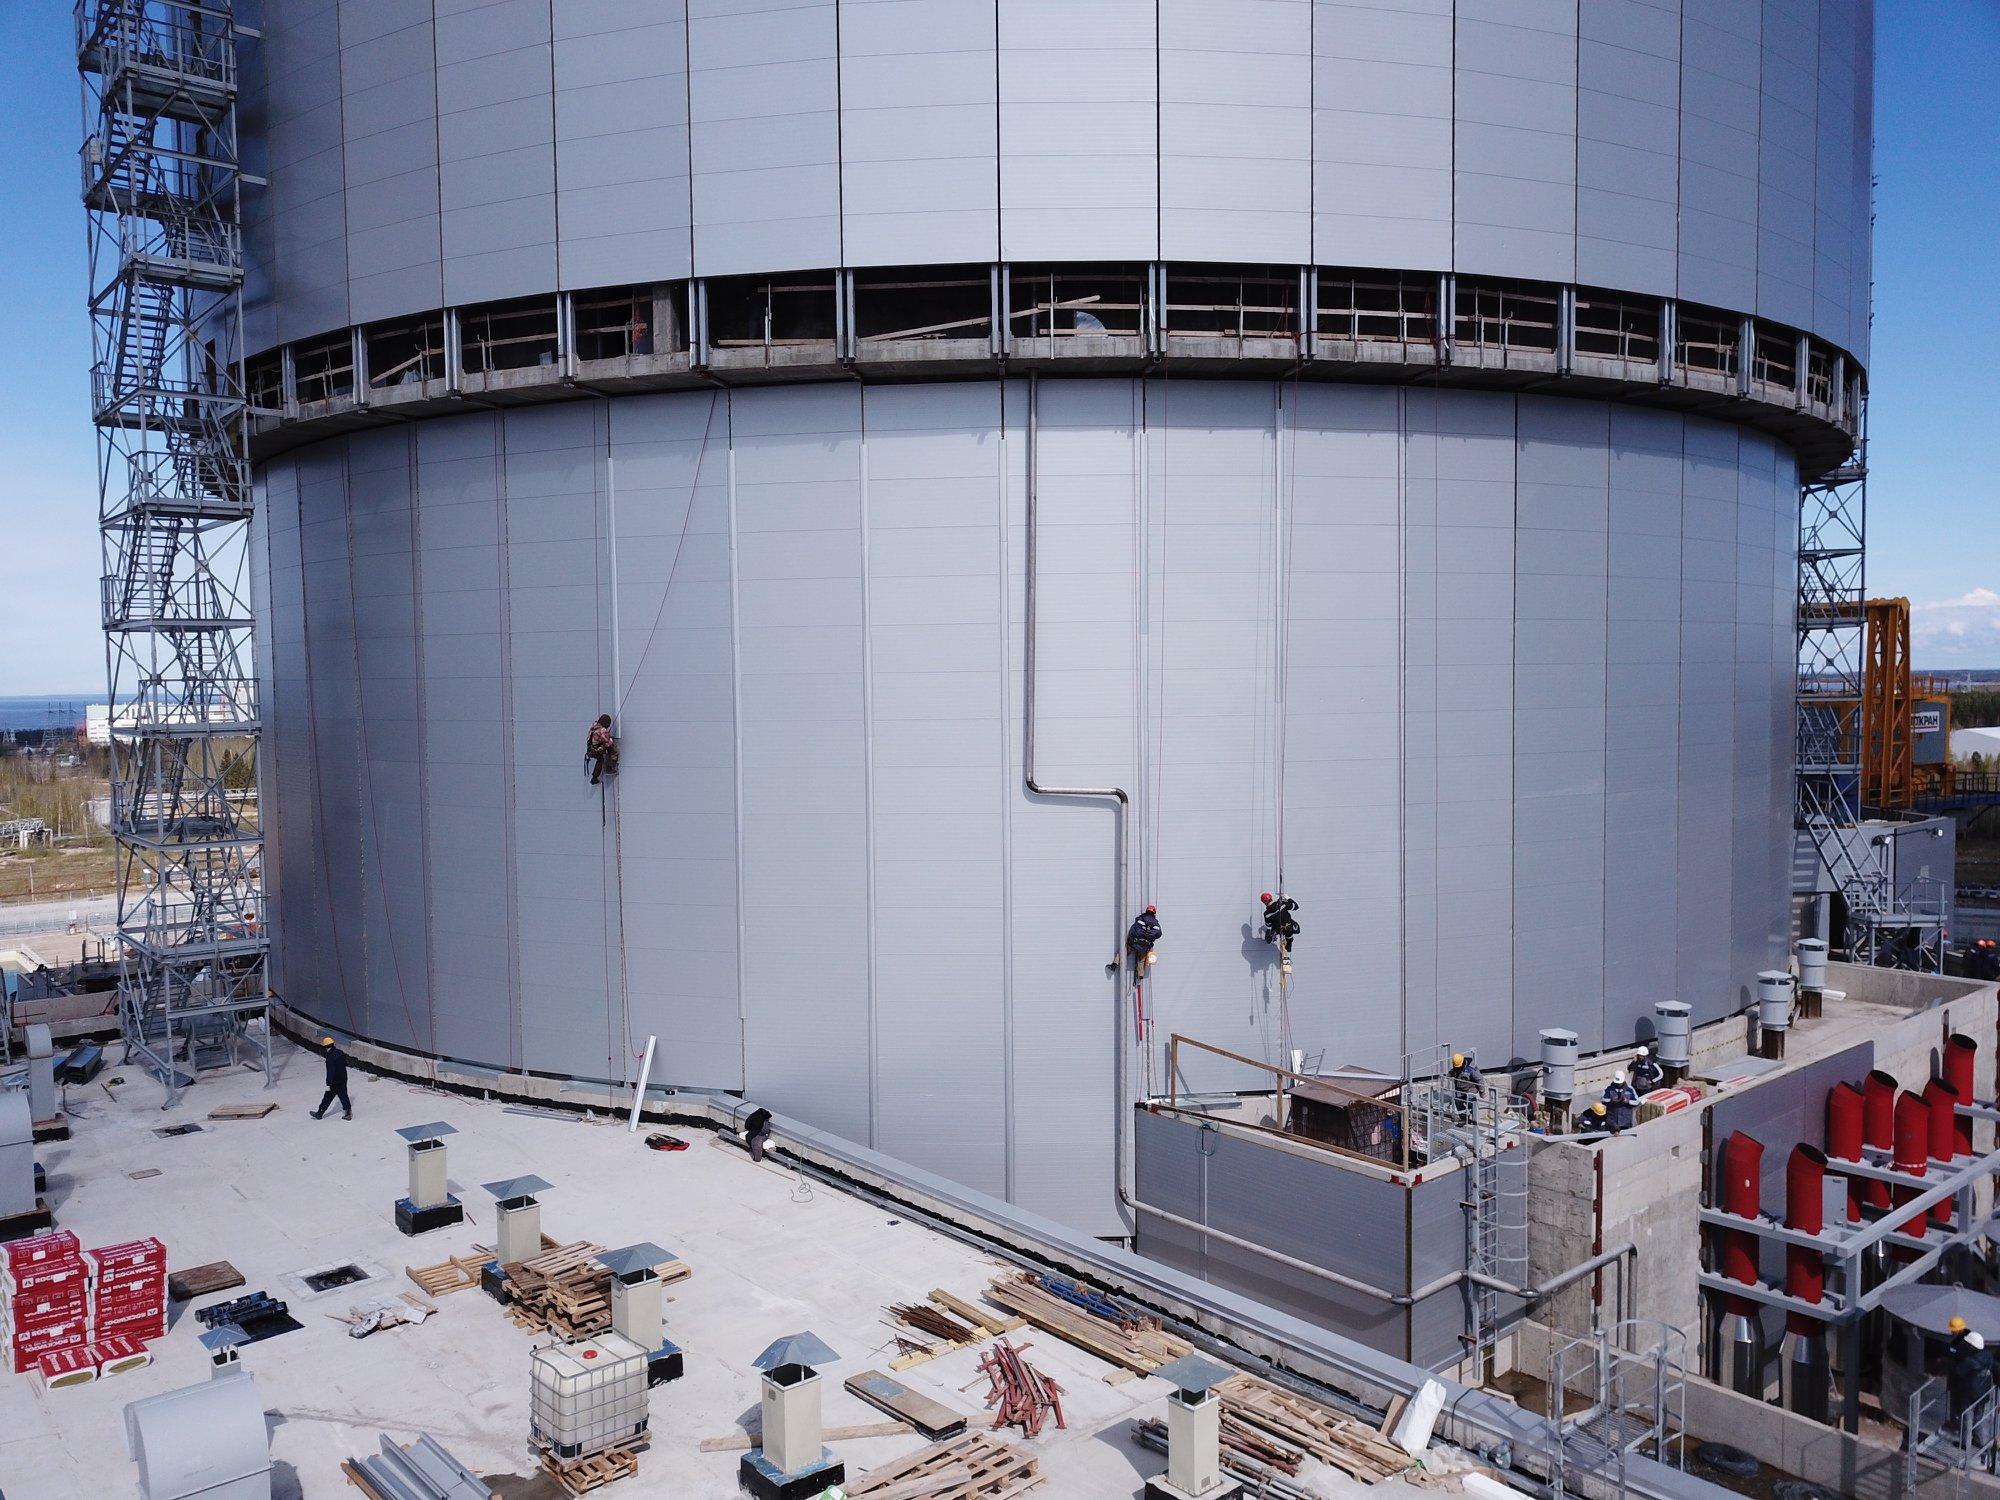 Сотрудники СМУ-2 АО «КОНЦЕРН ТИТАН-2» заканчивают устанавливать термопанели на здание реактора строящегося энергоблока Ленинградской АЭС